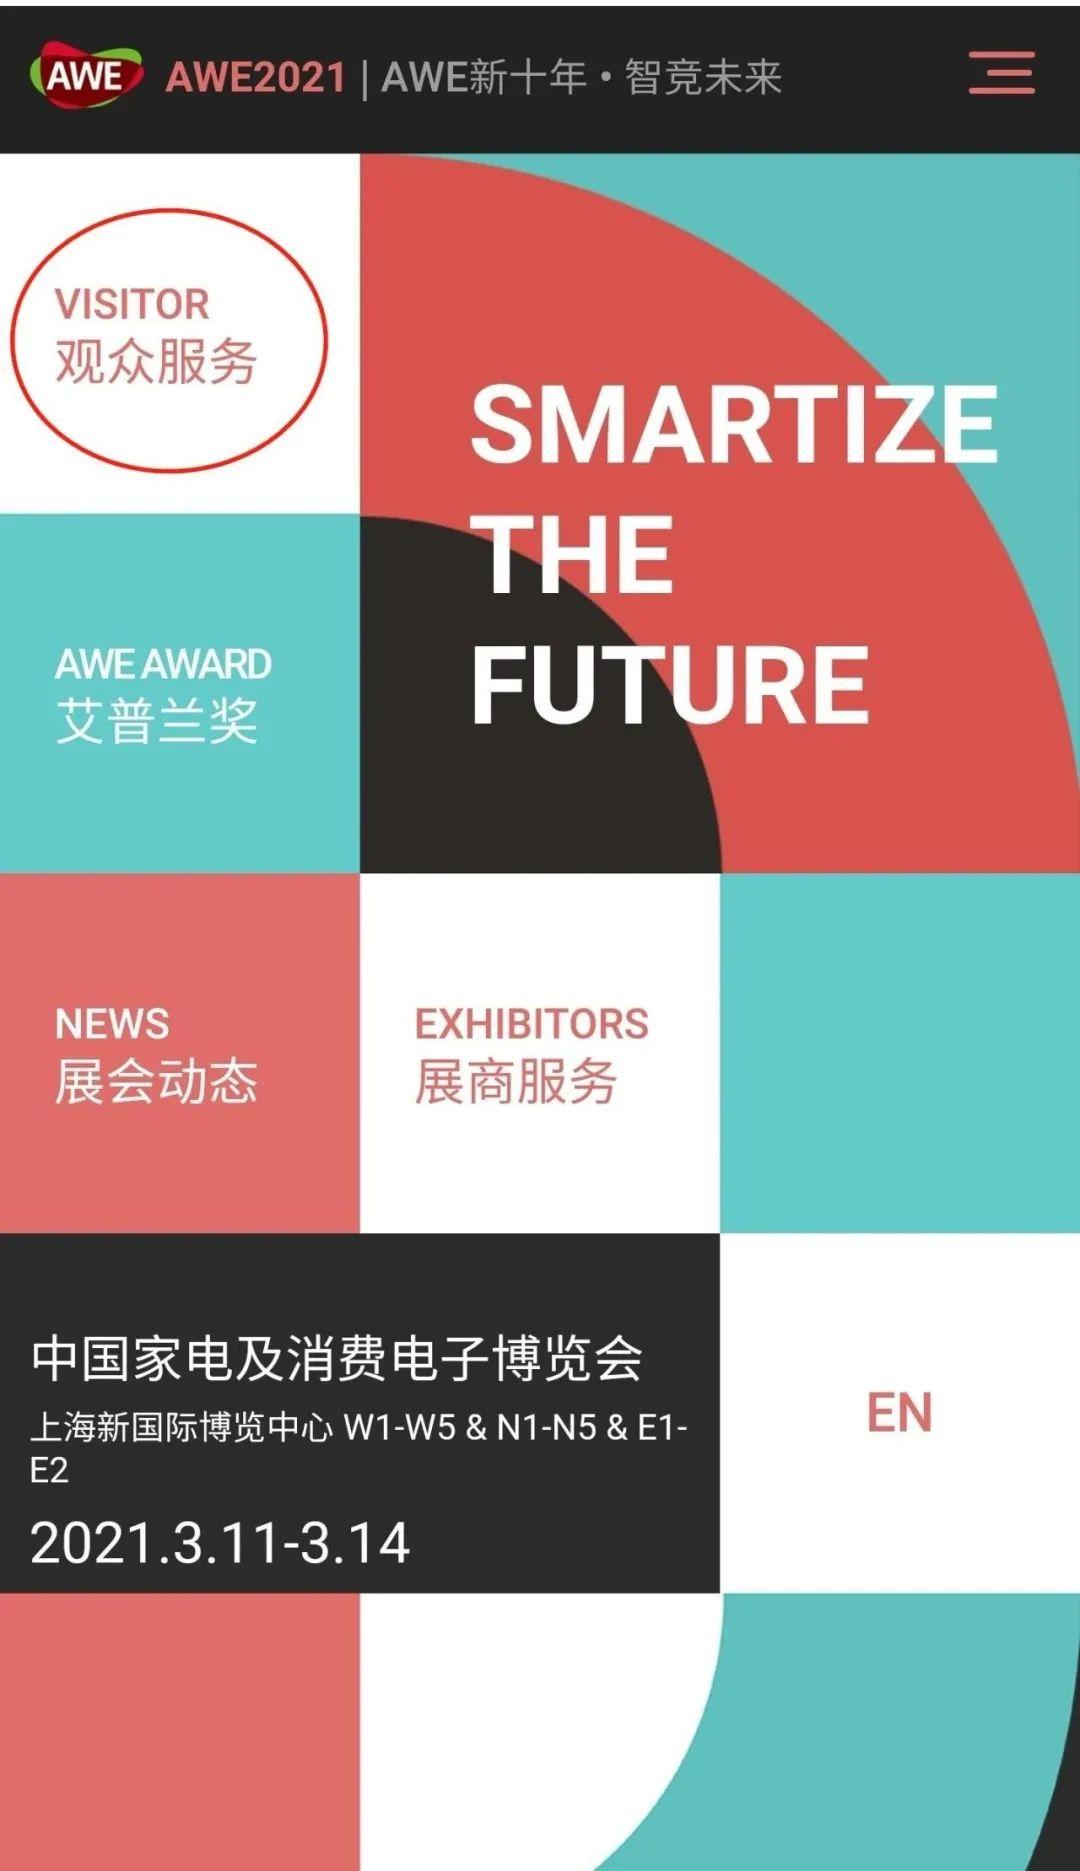 2021上海家电展参观报名/AWE(参展咨询)